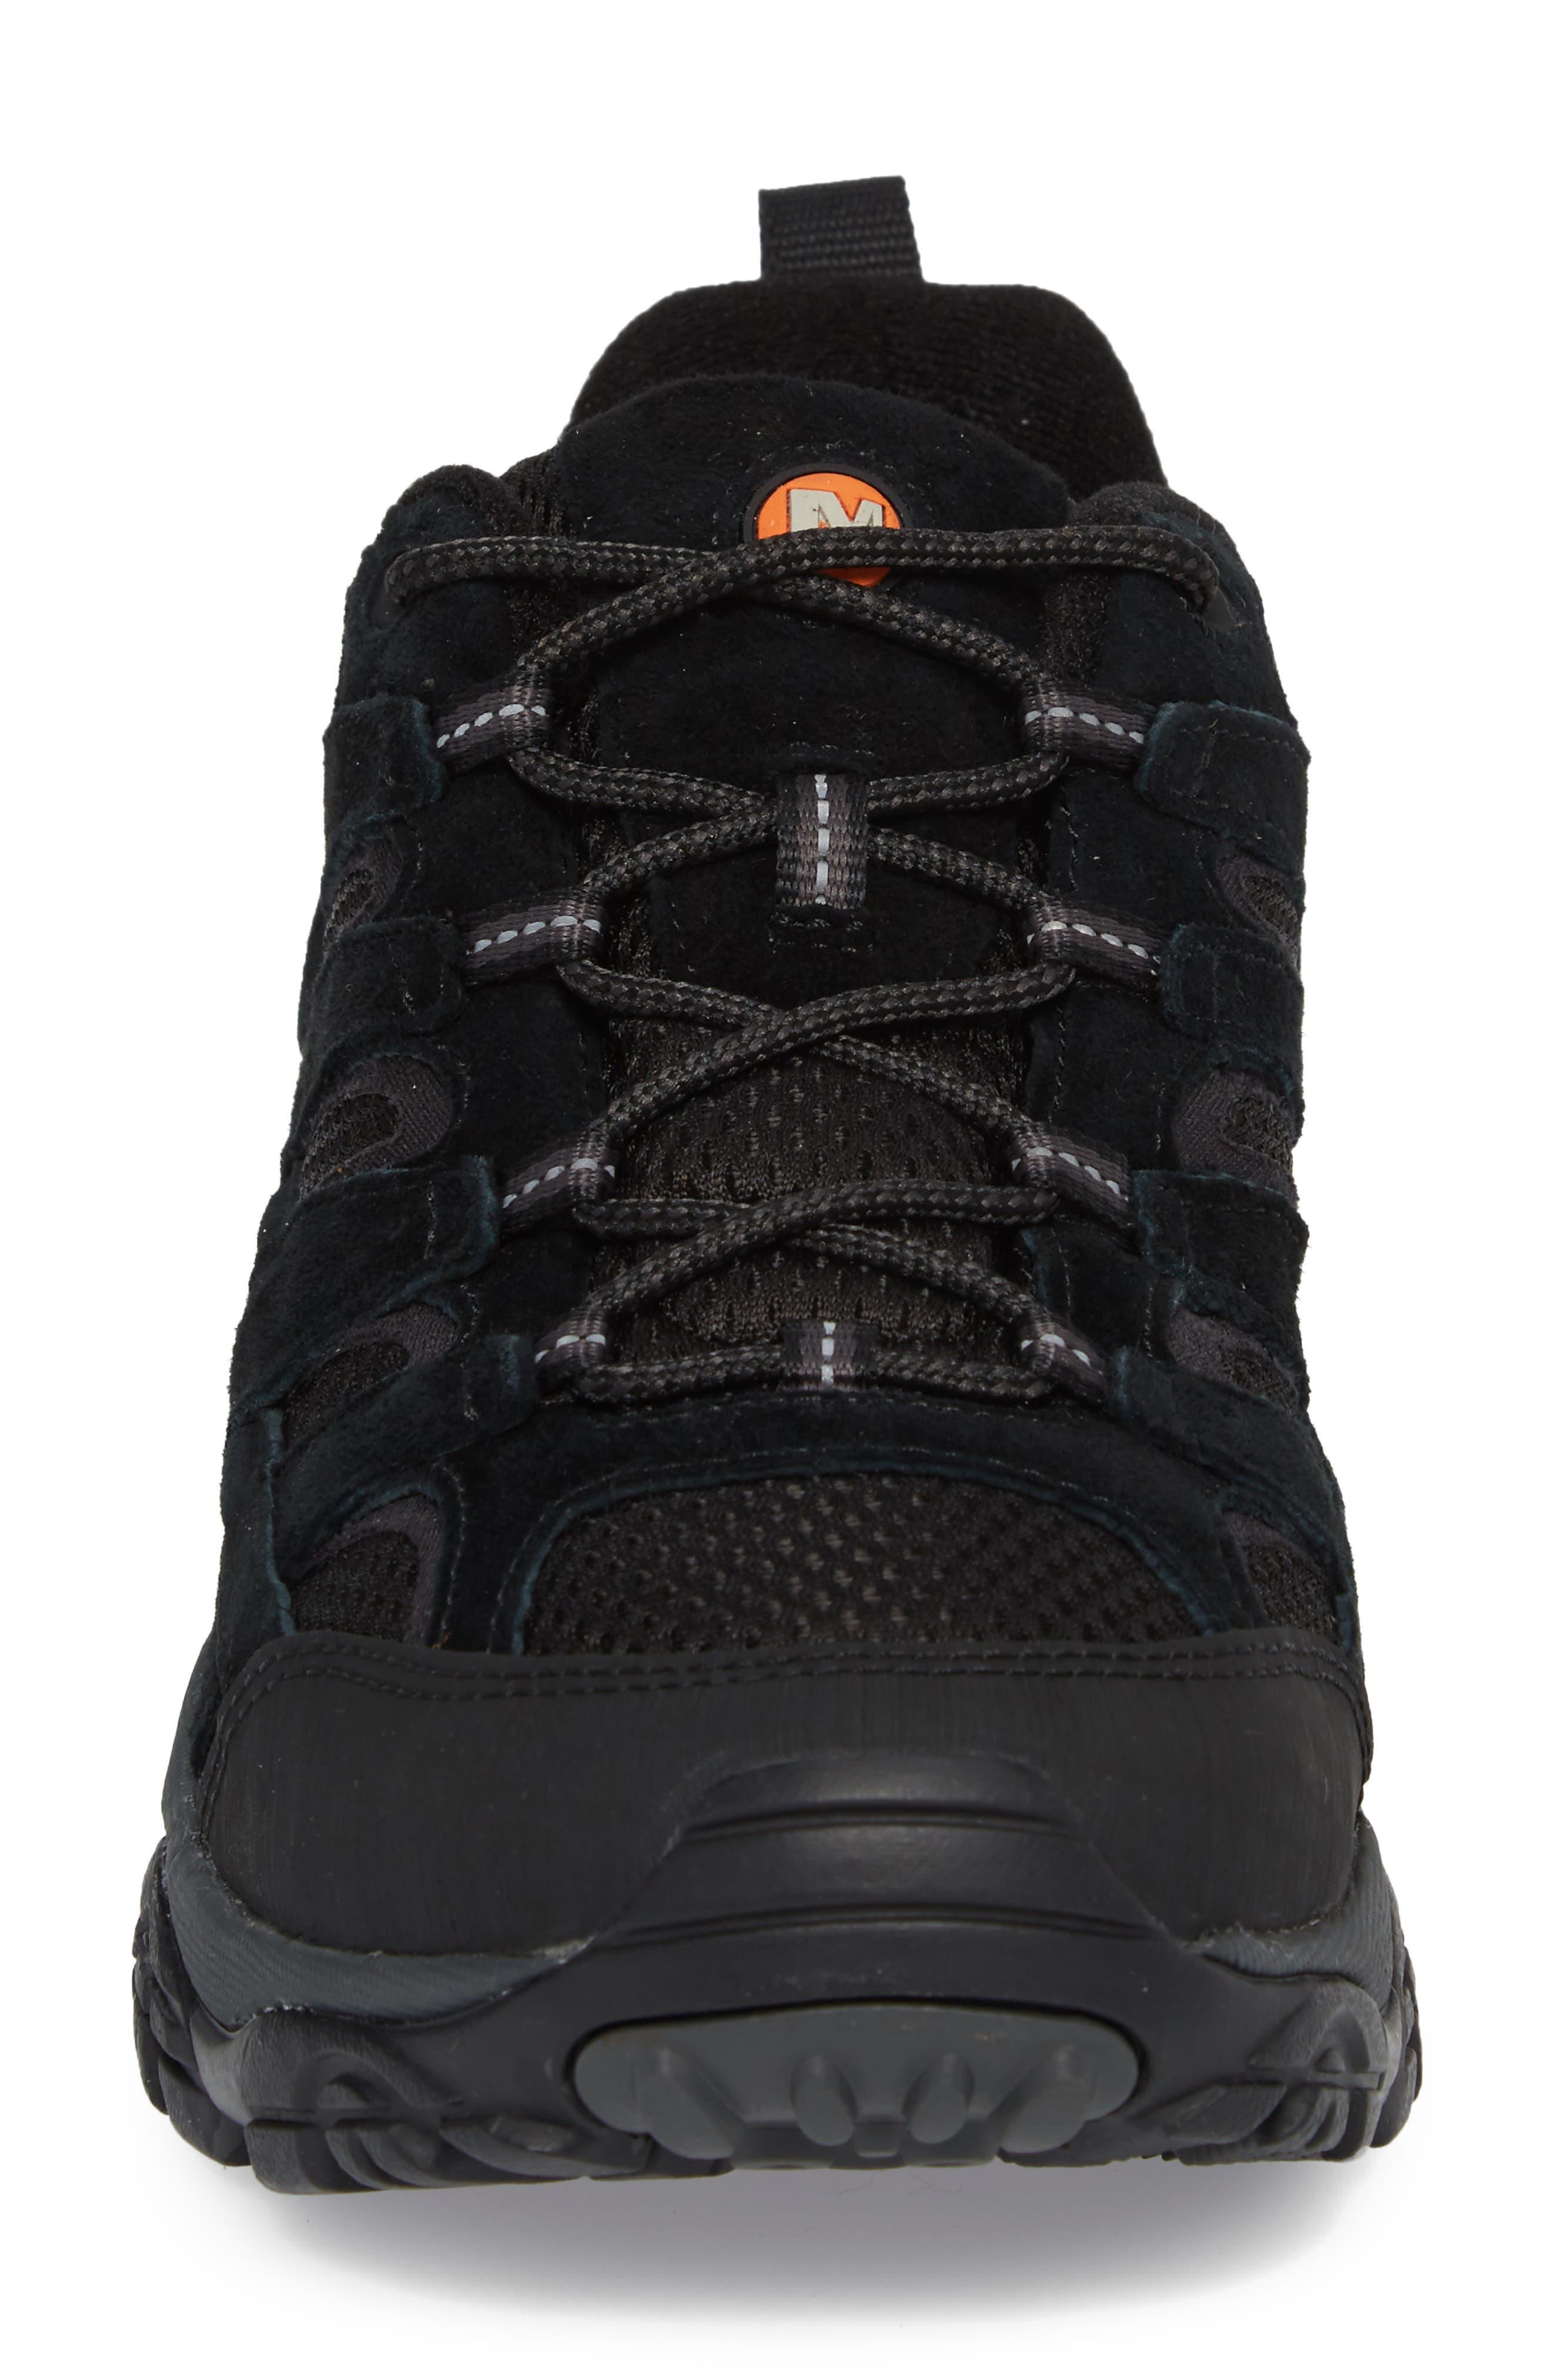 Moab 2 Ventilator Hiking Shoe,                             Alternate thumbnail 4, color,                             BLACK NIGHT